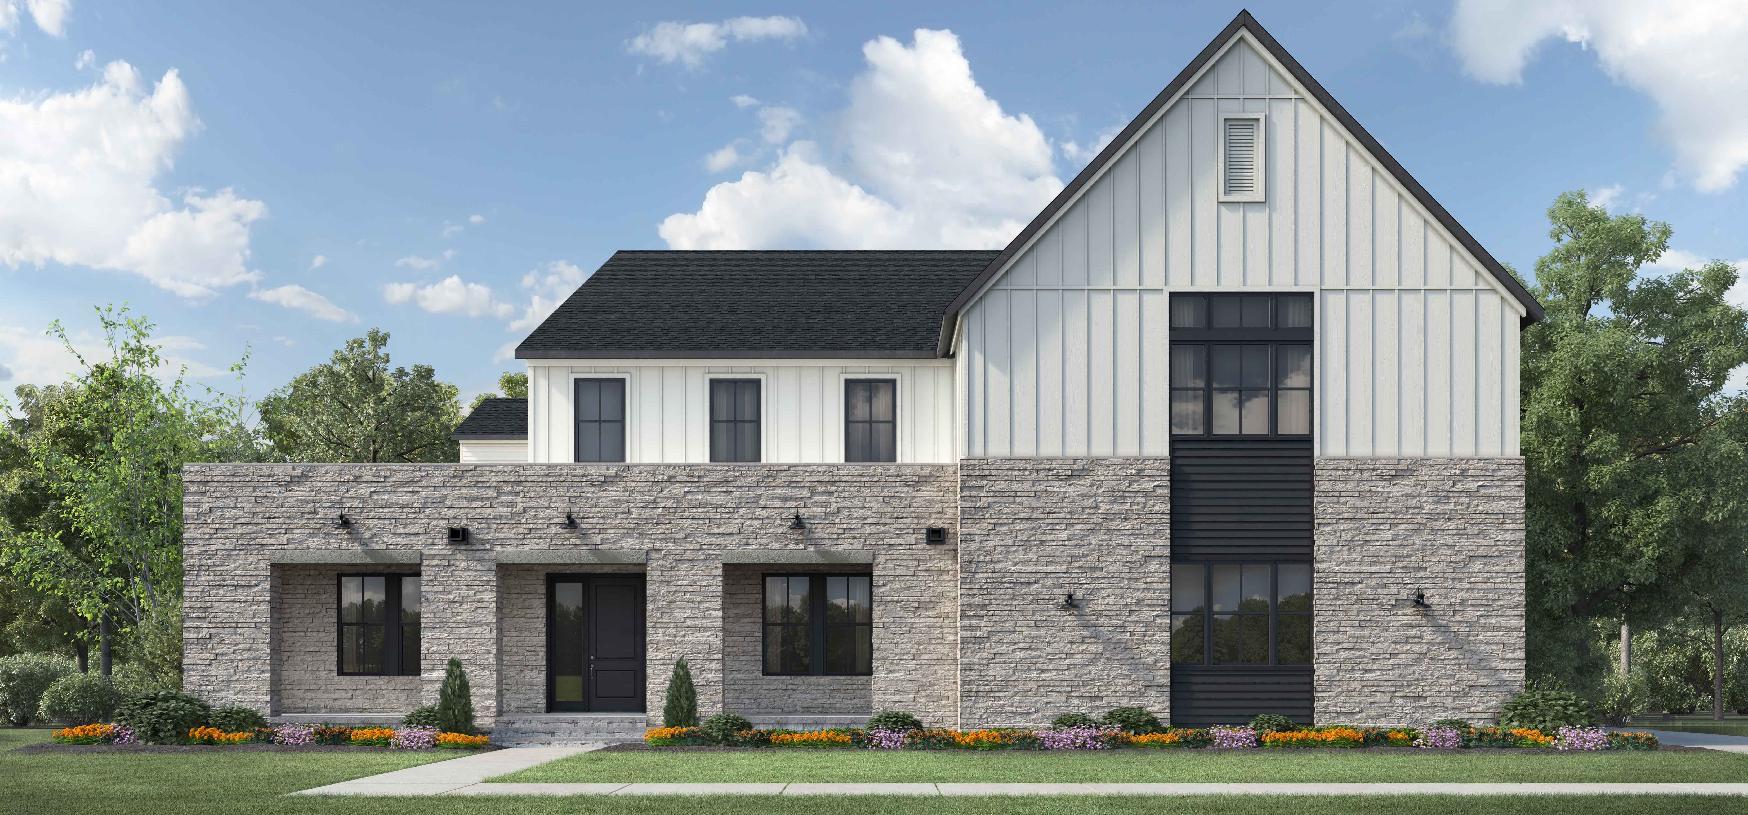 Wyeth -  Modern Farmhouse